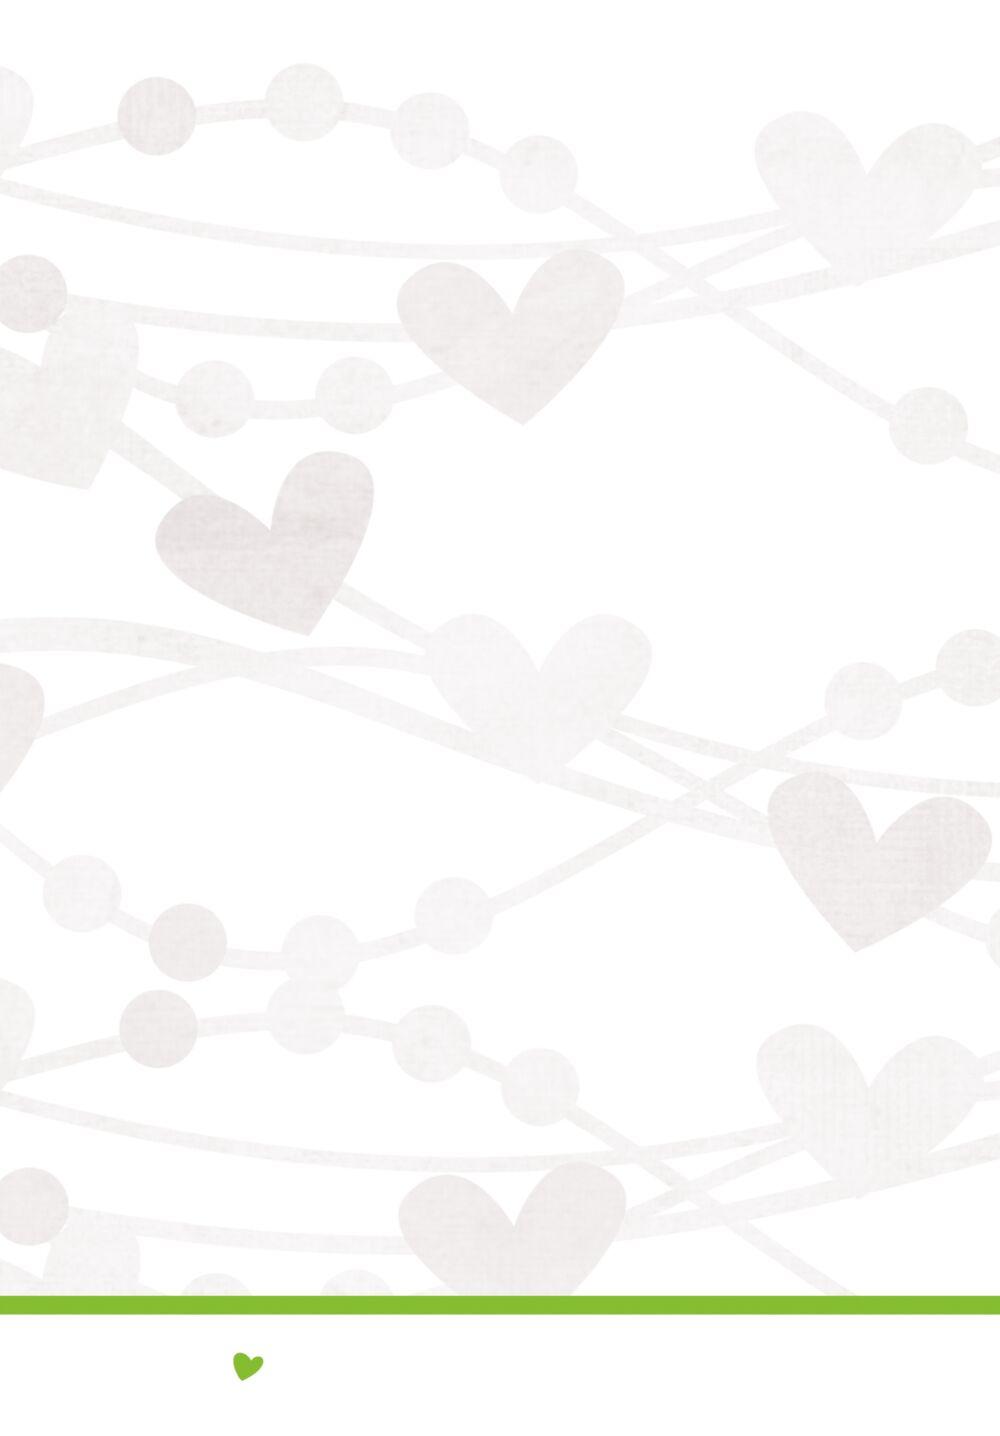 Ansicht 4 - Hochzeit Kirchenheft Umschlag wilde Herzen